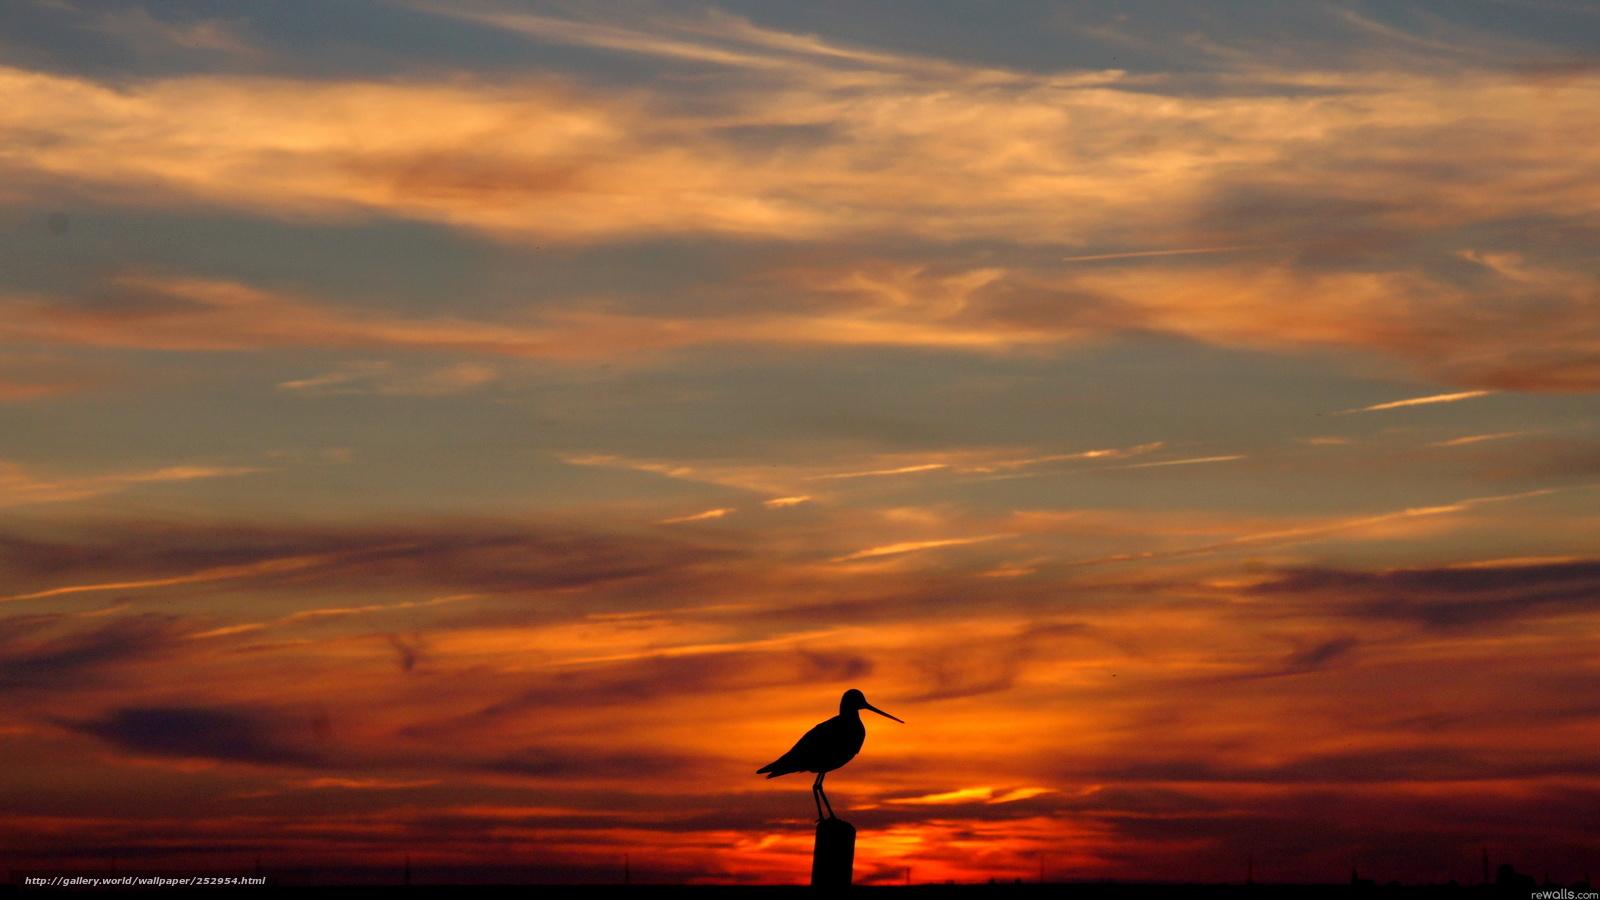 Tlcharger Fond d'ecran ciel, coucher du soleil, oiseau ...